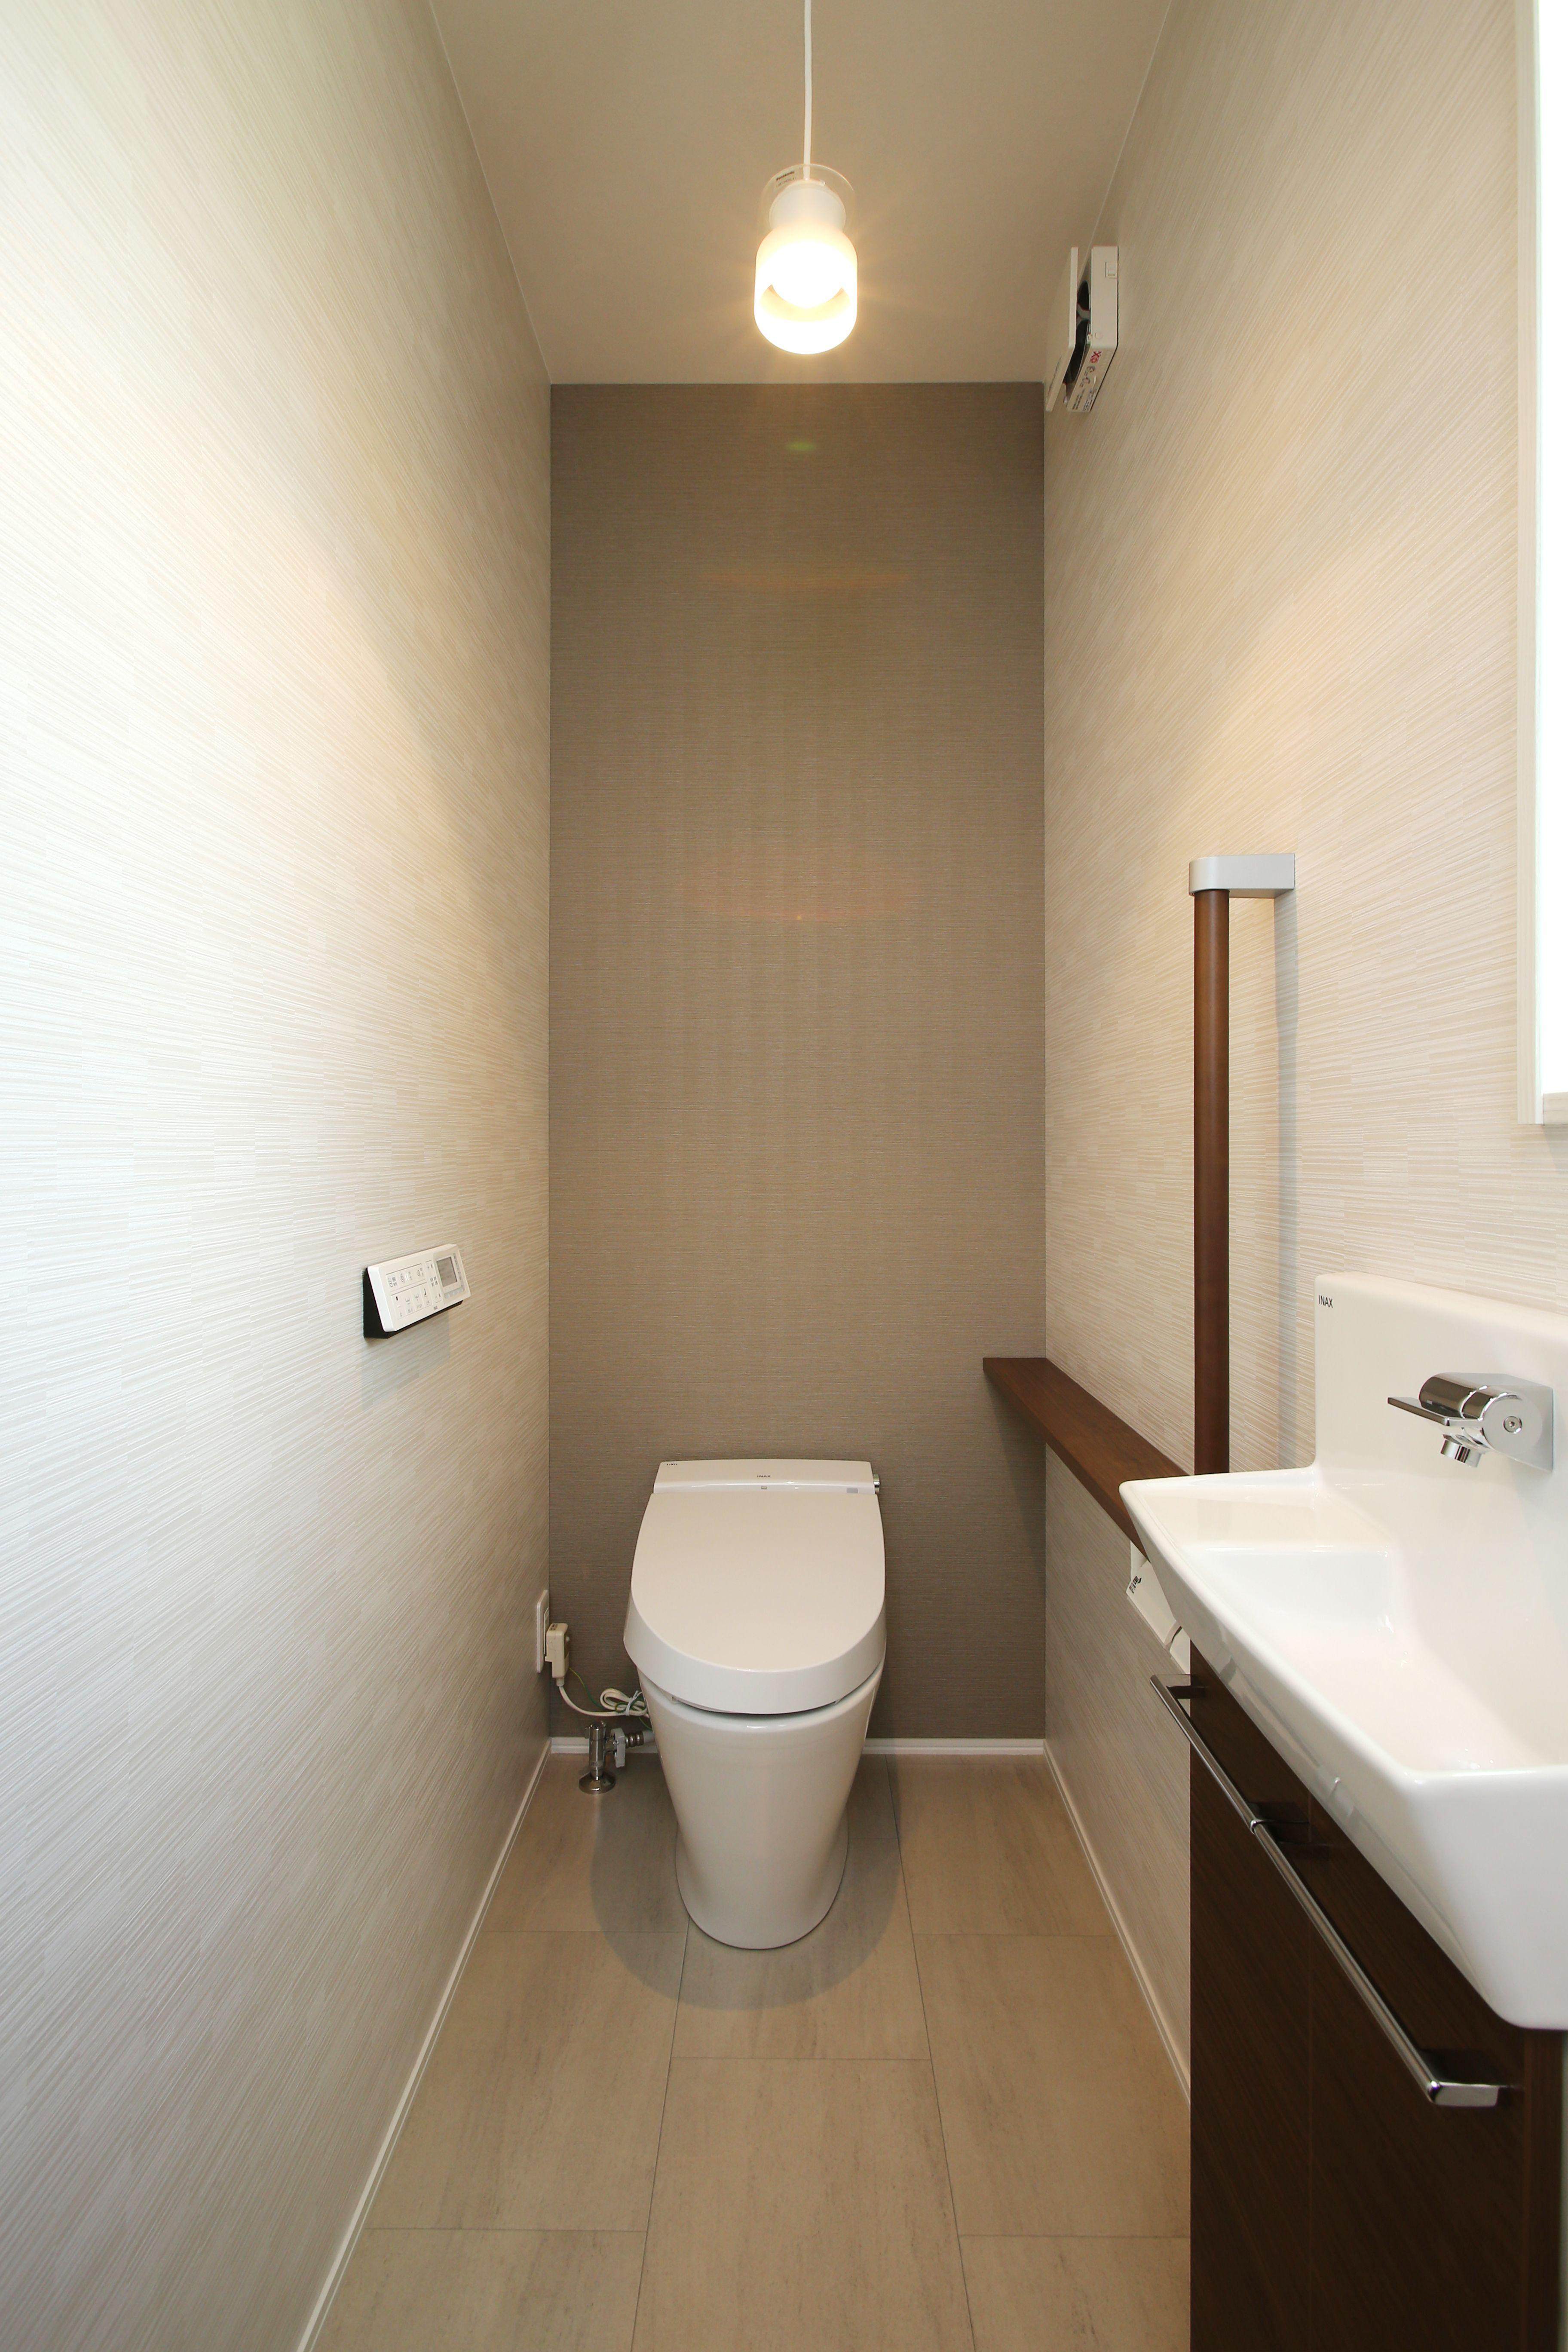 正面の壁に色を付けることで より広くゆったりとした空間を感じさせ